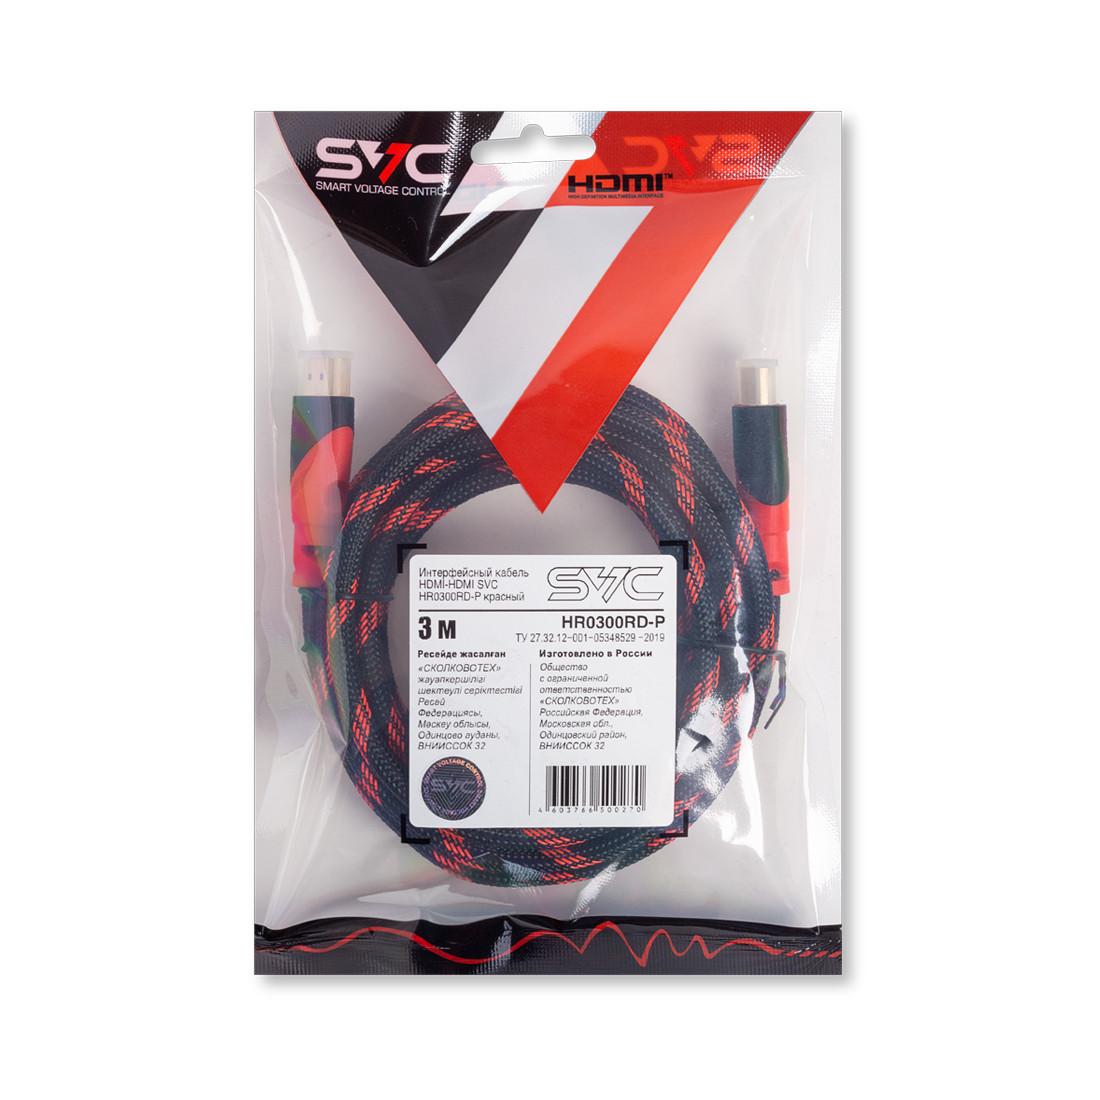 Интерфейсный кабель HDMI-HDMI SVC HR0300RD-P, 30В, Красный, Пол. пакет, 3 м